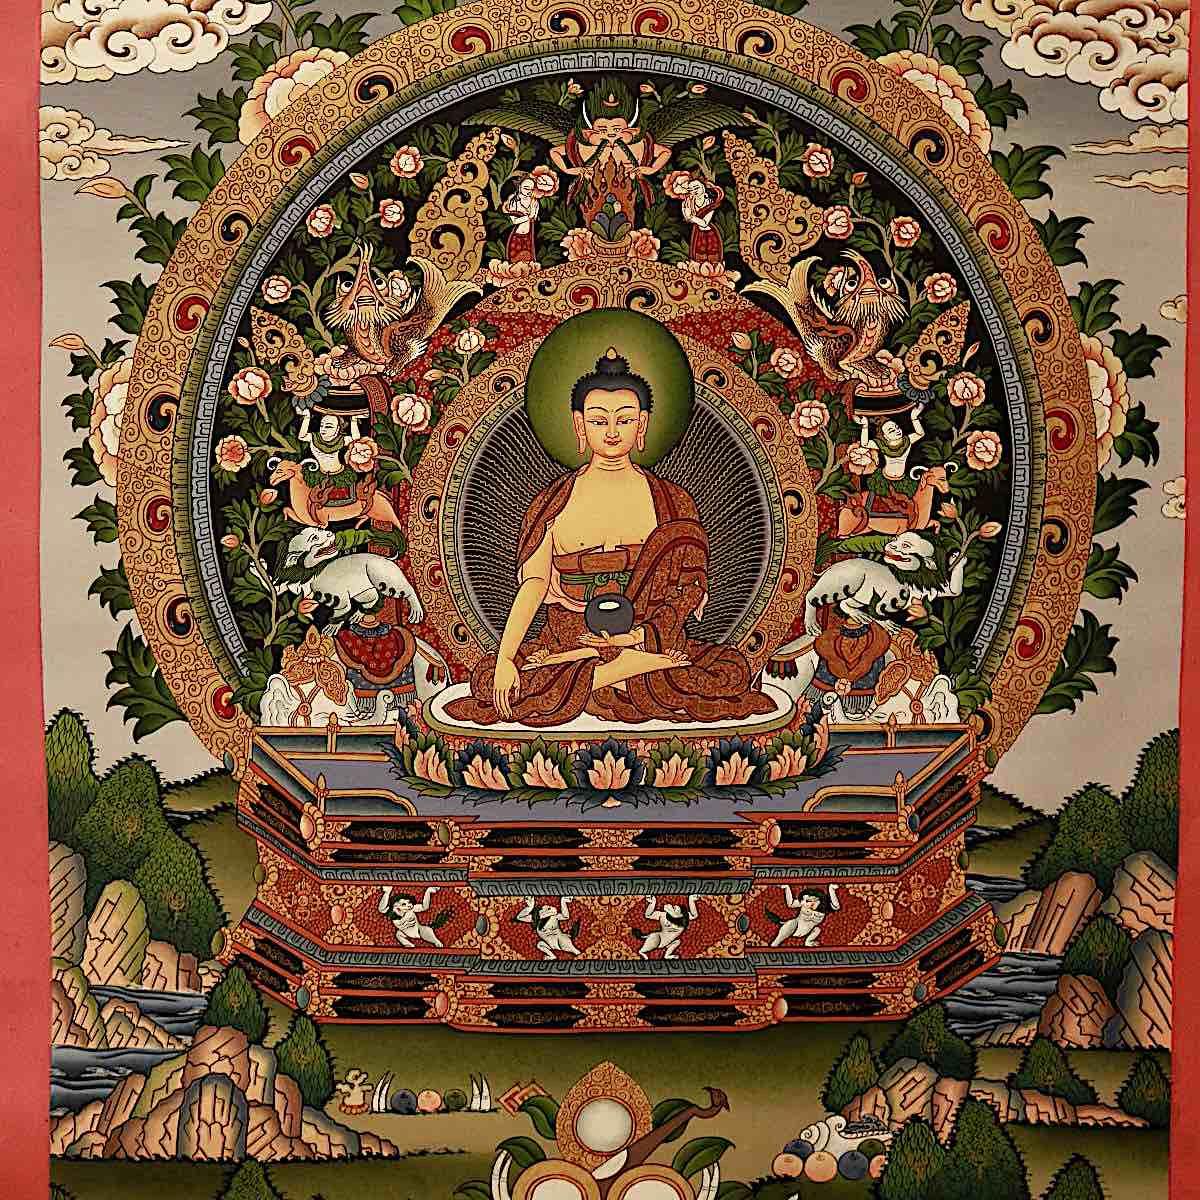 Buddha Weekly Nepali Thangka 1200x1200 Buddhism